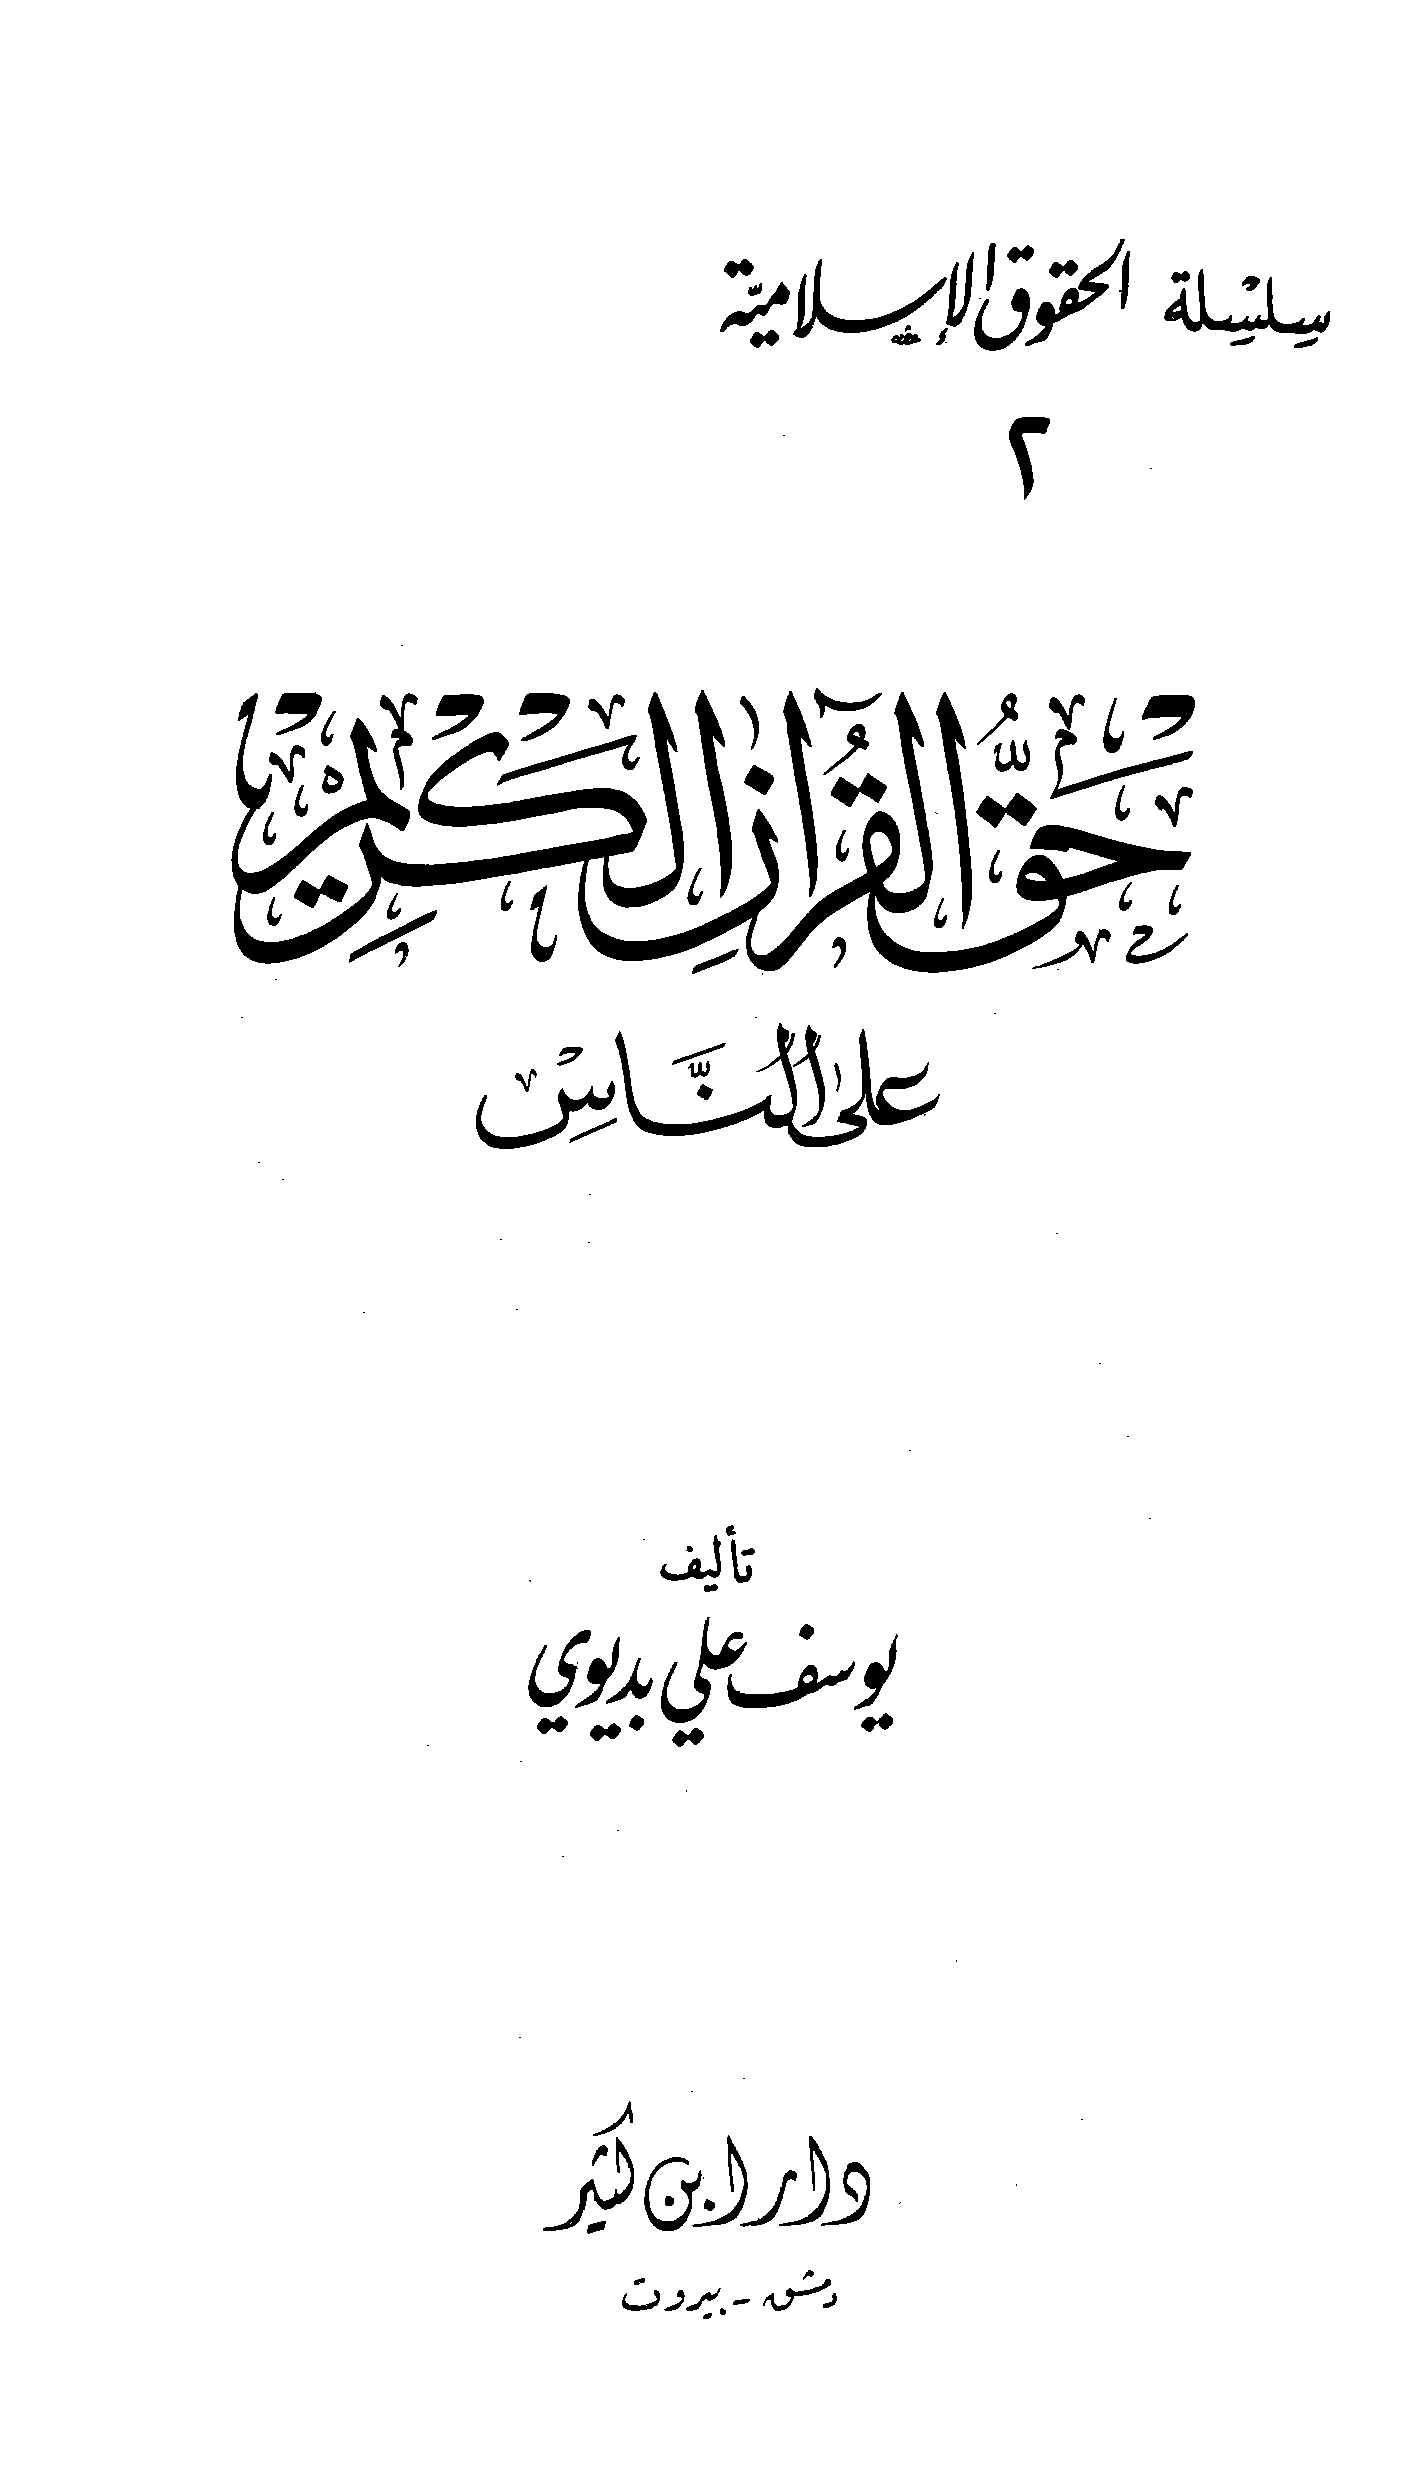 حق القرآن الكريم على الناس - يوسف علي بديوي